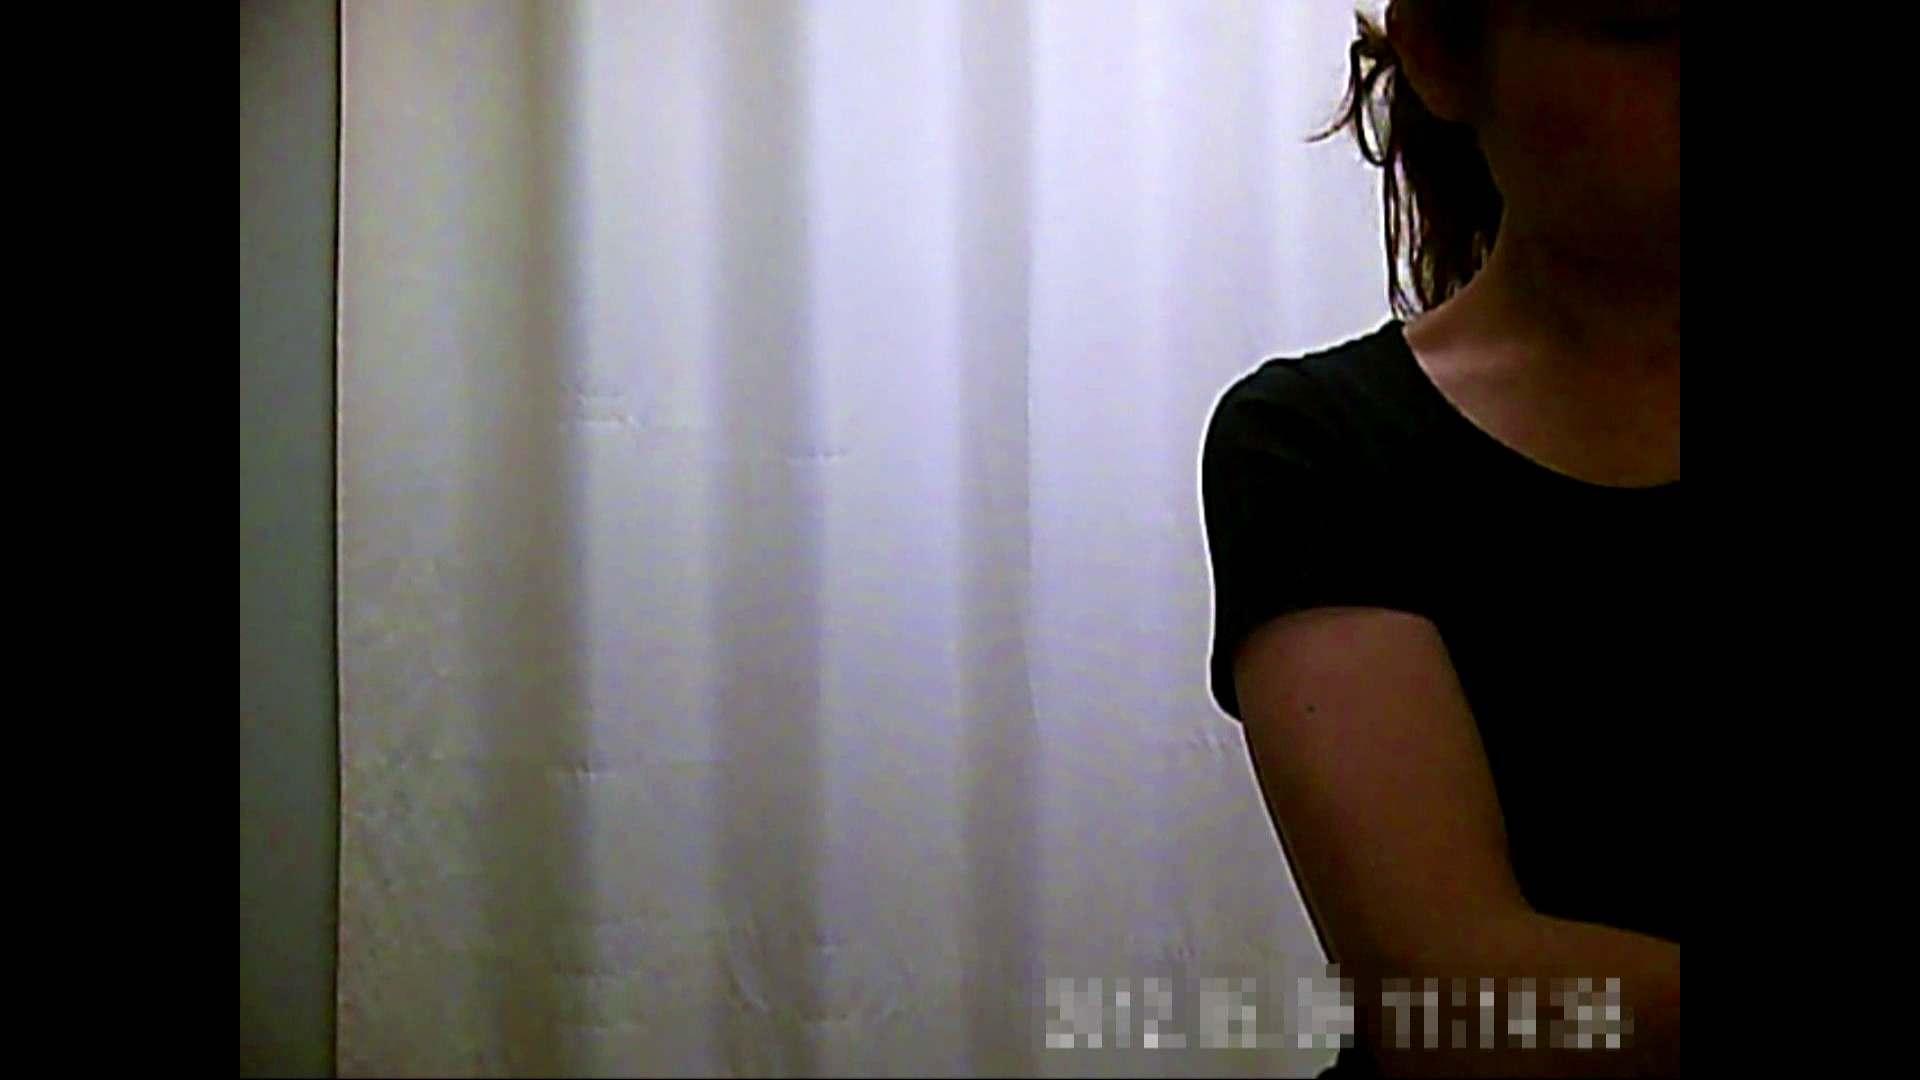 元医者による反抗 更衣室地獄絵巻 vol.002 お姉さんのSEX アダルト動画キャプチャ 109枚 71